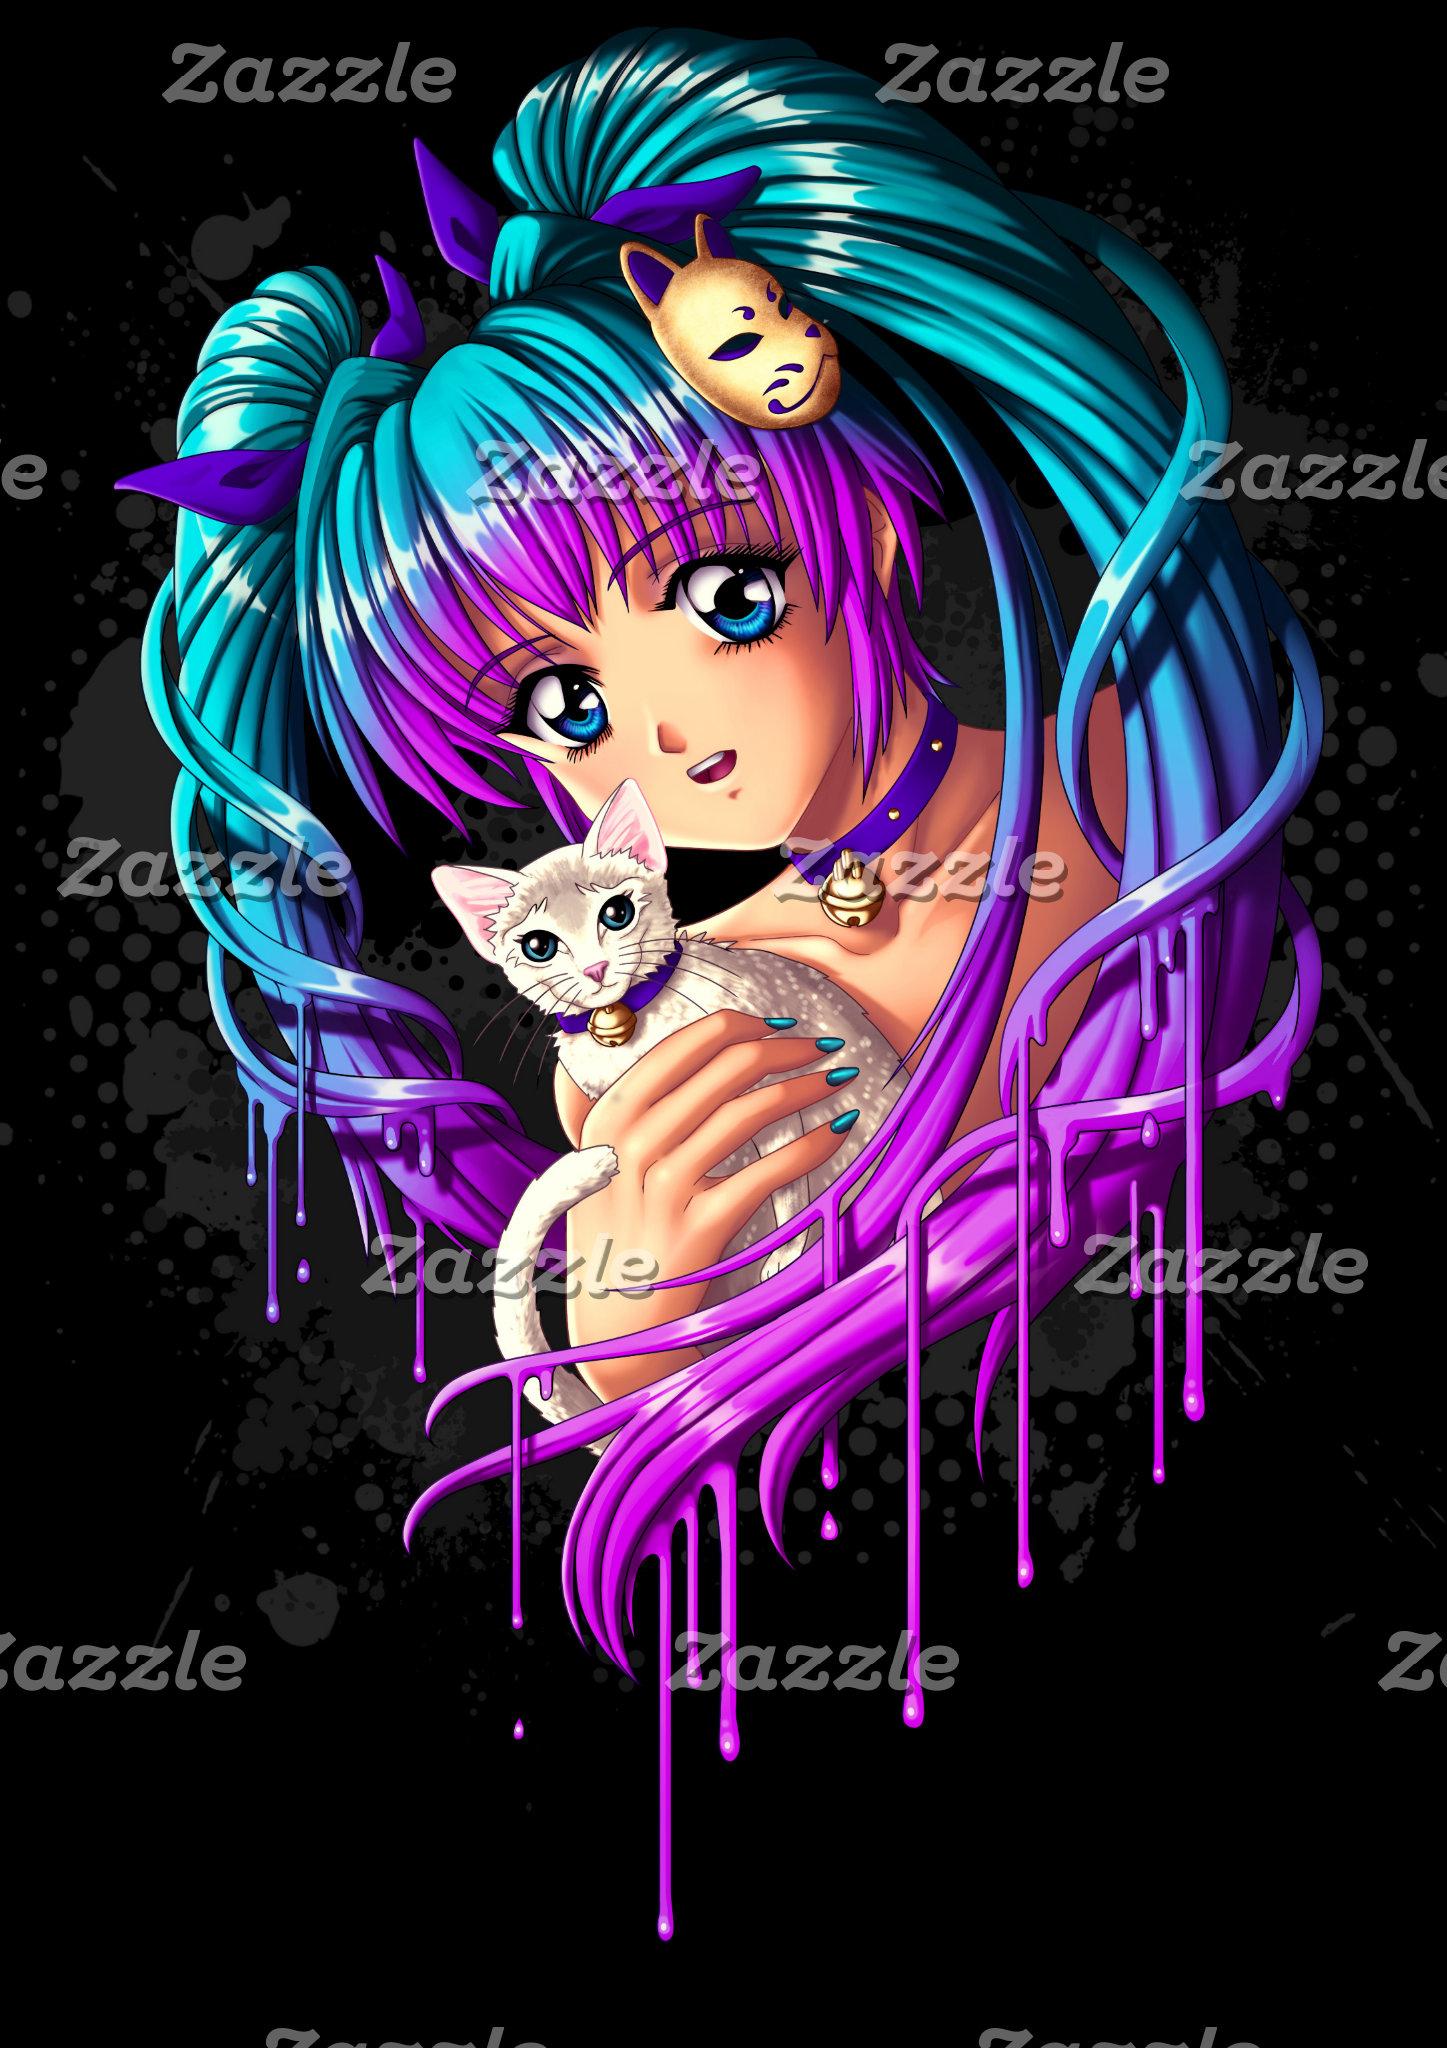 Manga Girl and Kitty